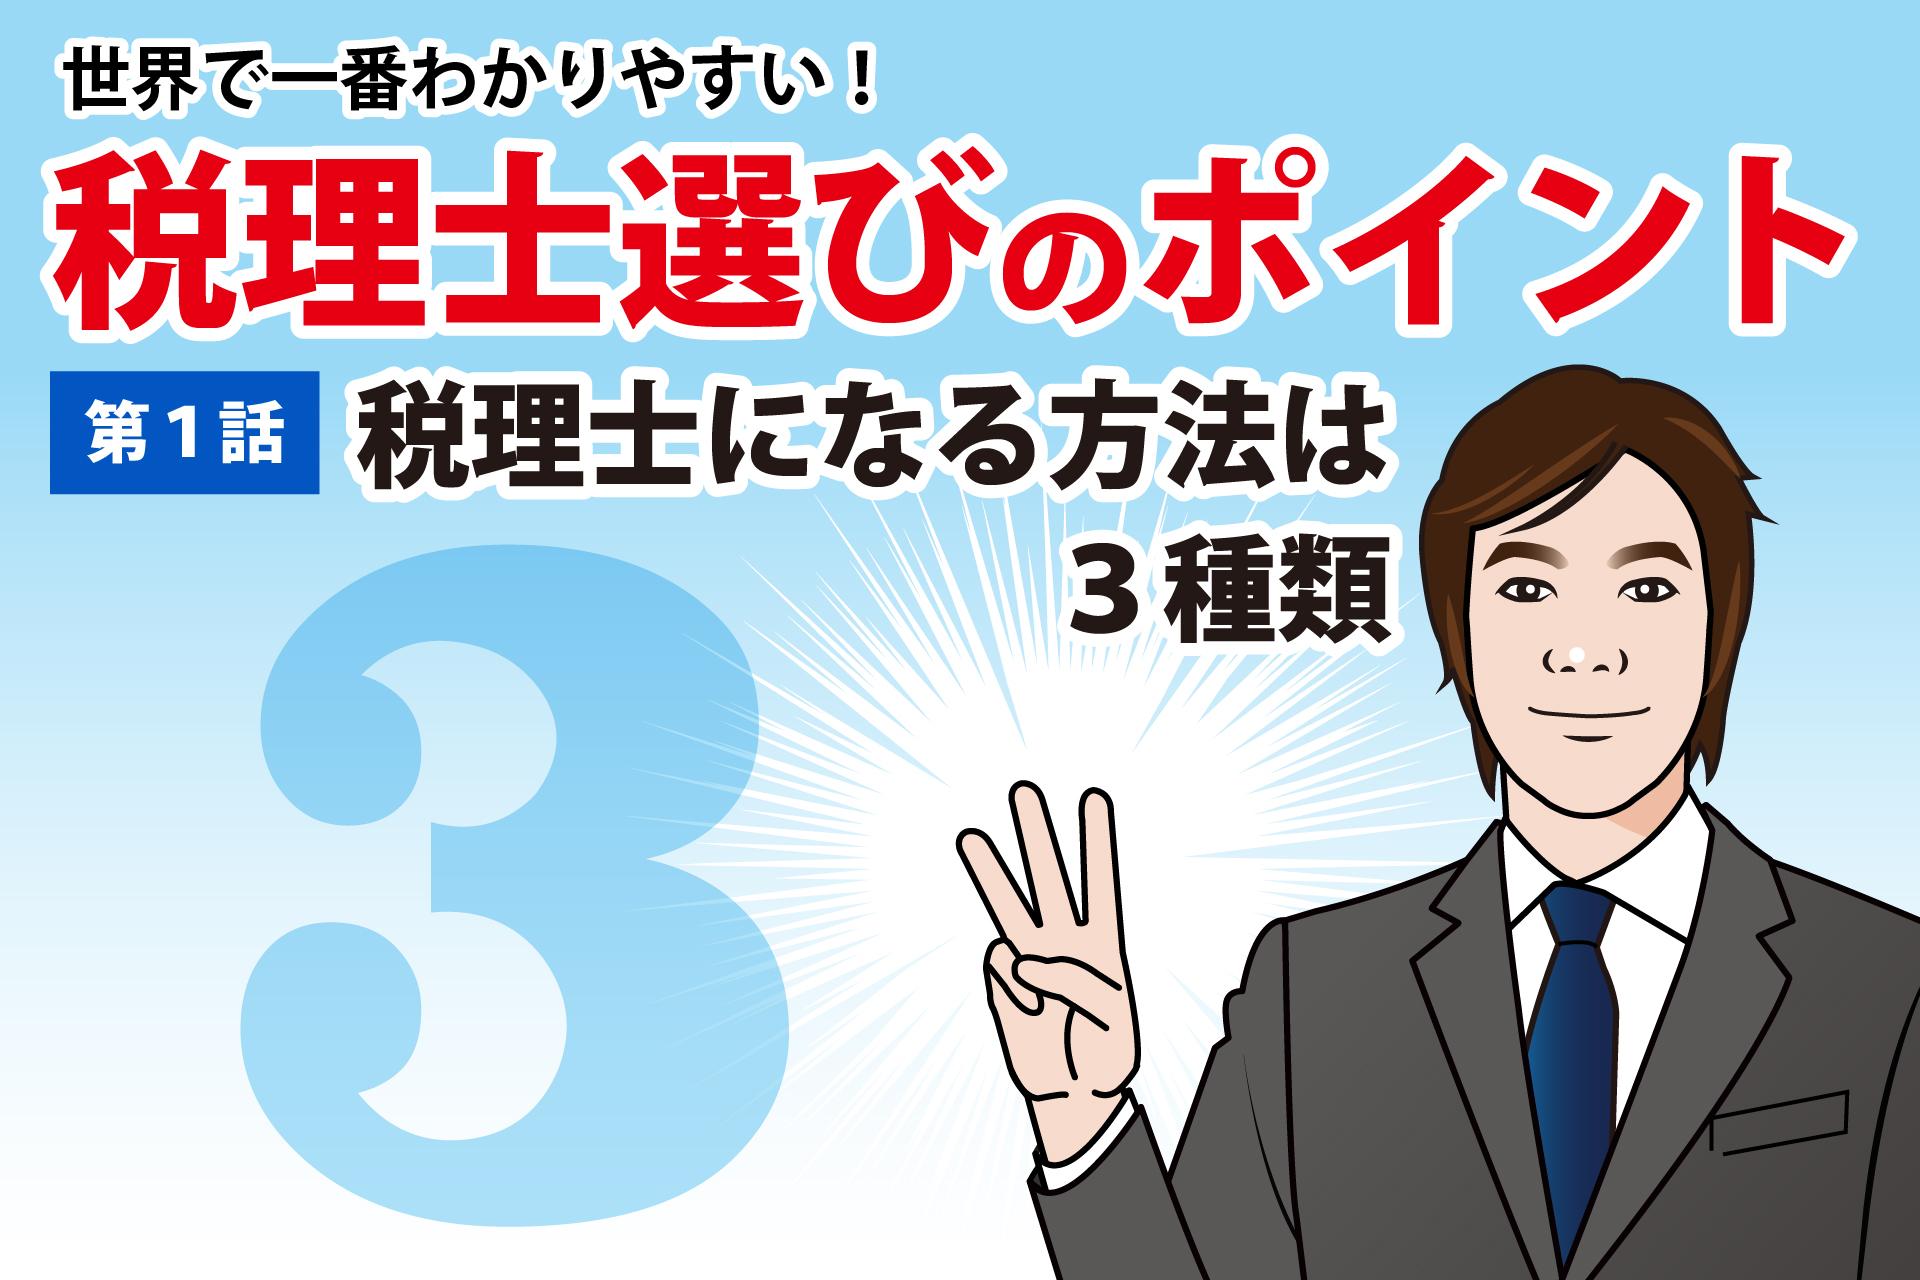 【税理士選び 第1話】世界で一番わかりやすい!税理士選びのポイント